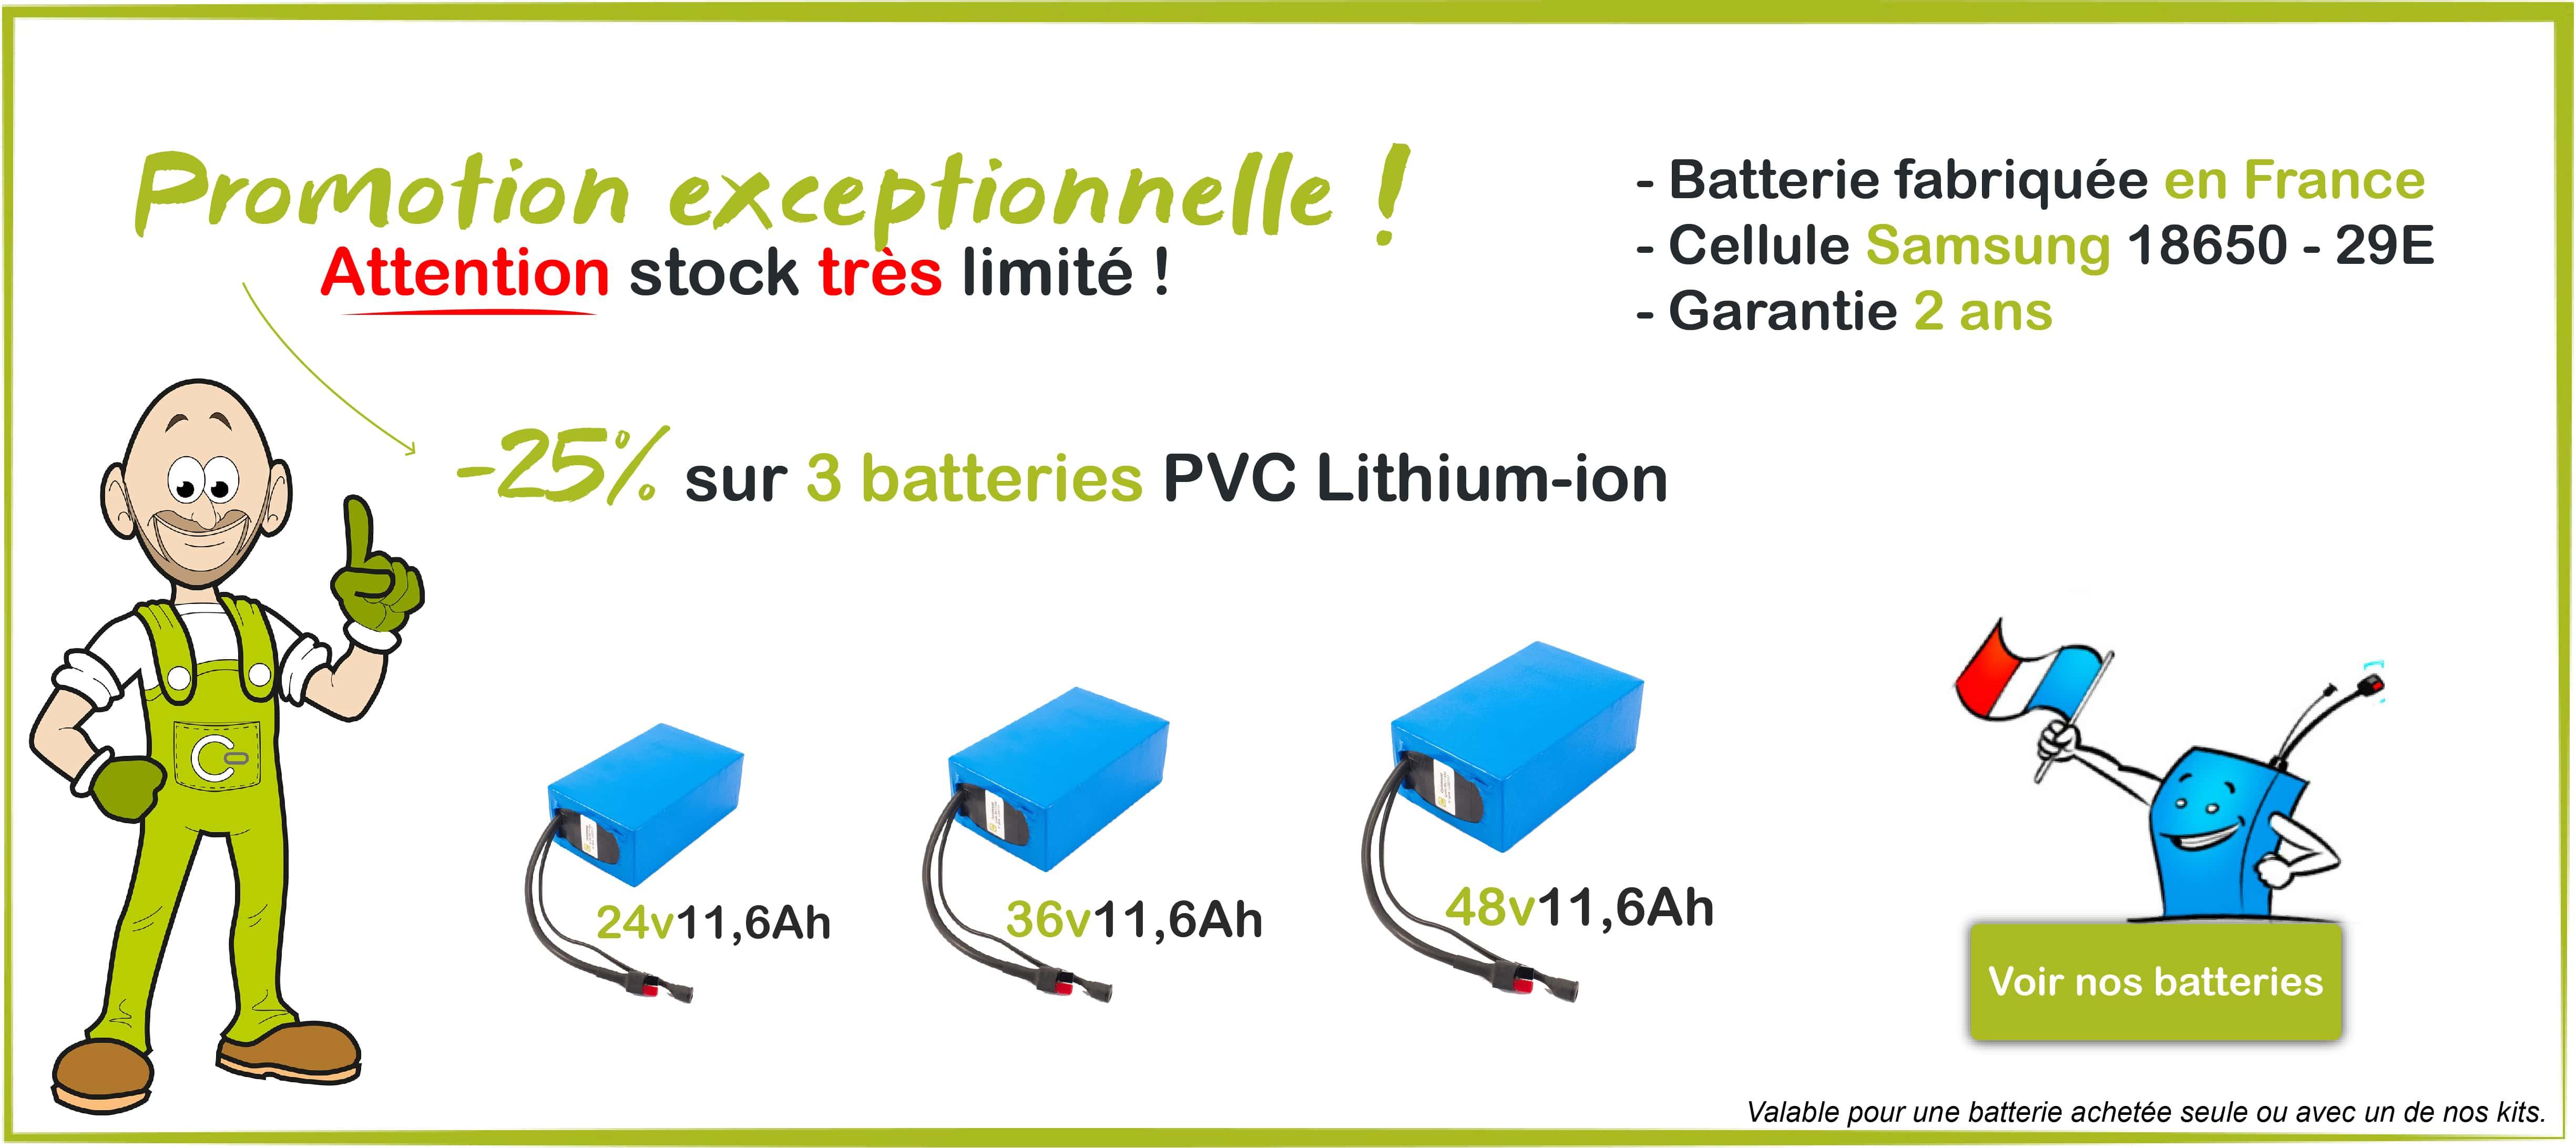 25% de remise sur 3 batteries PVC Lithium-ion